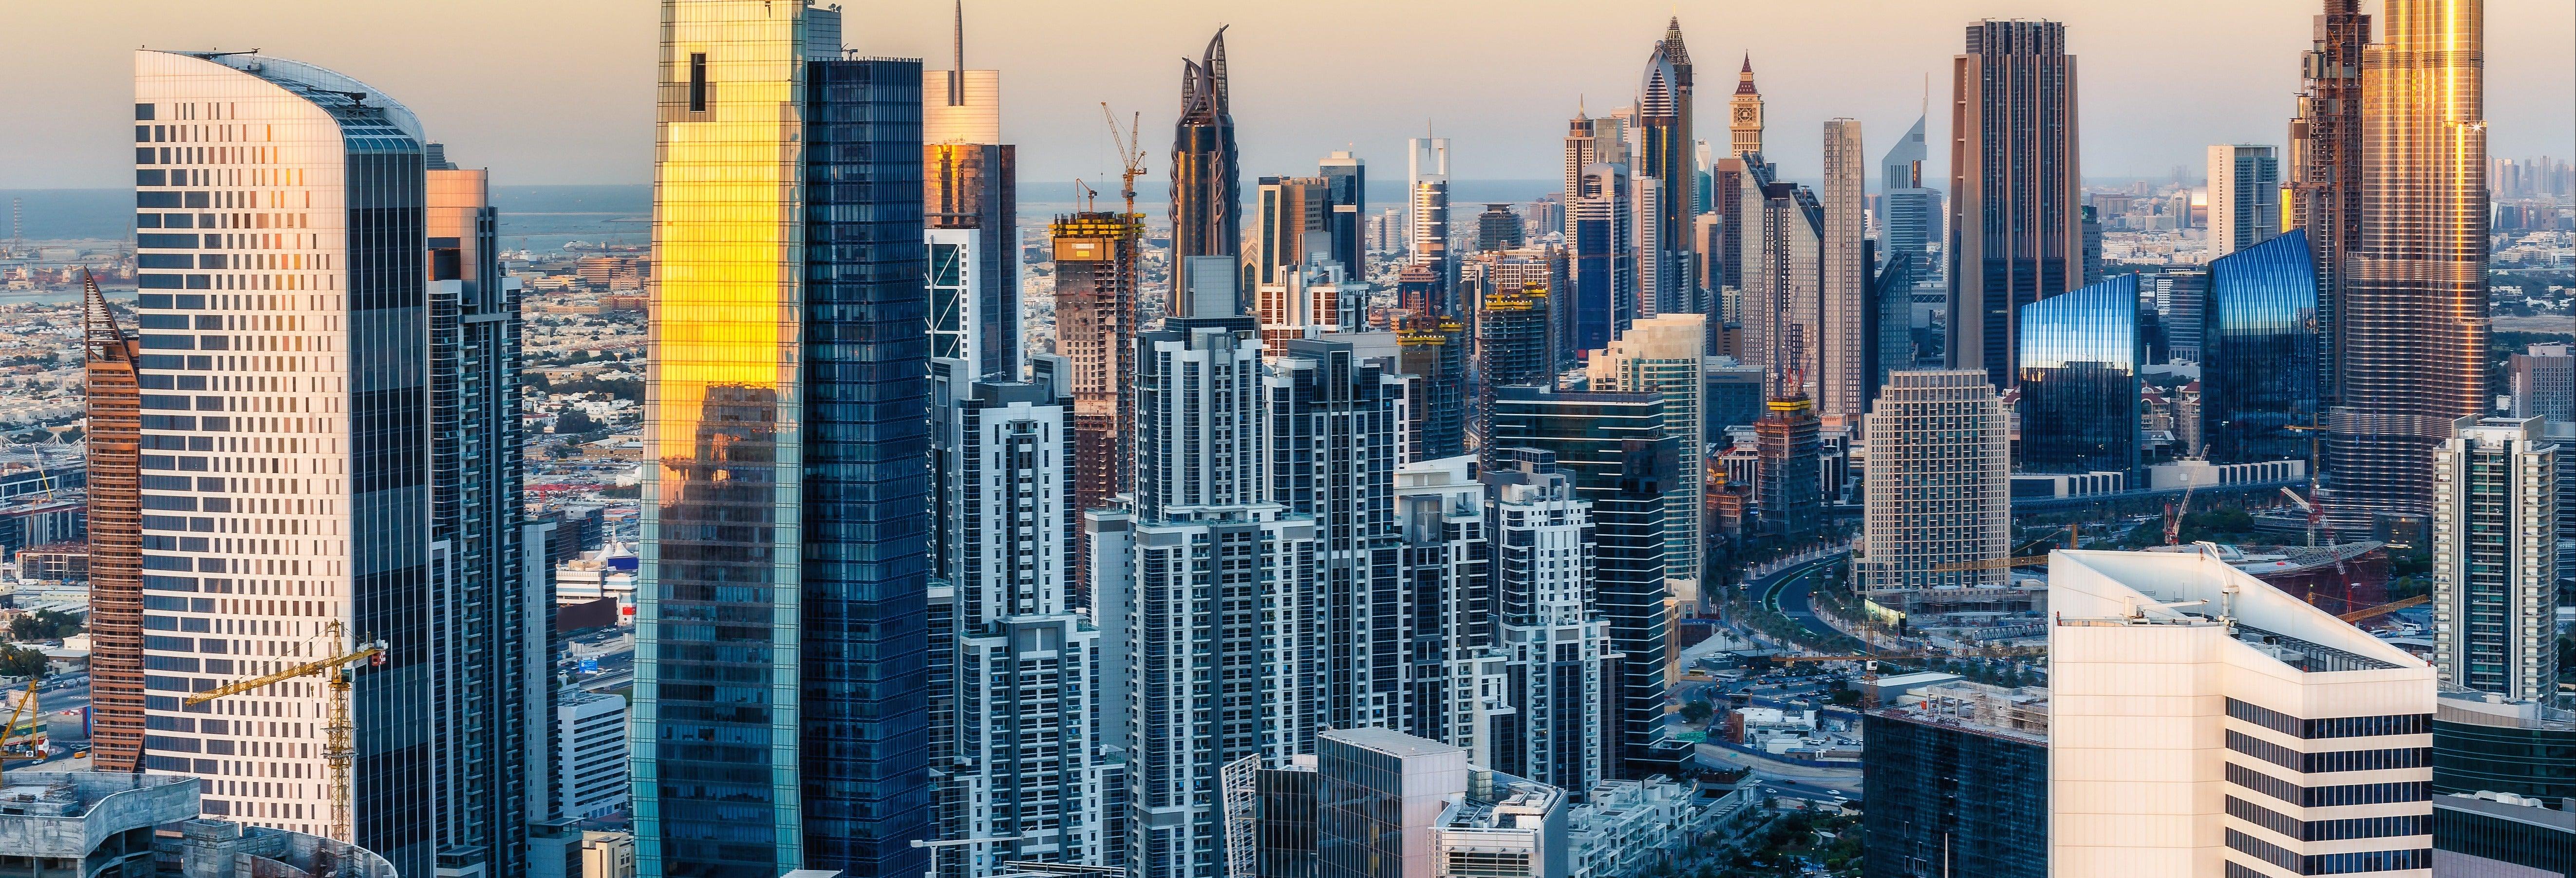 Passeio de hidroavião por Dubai